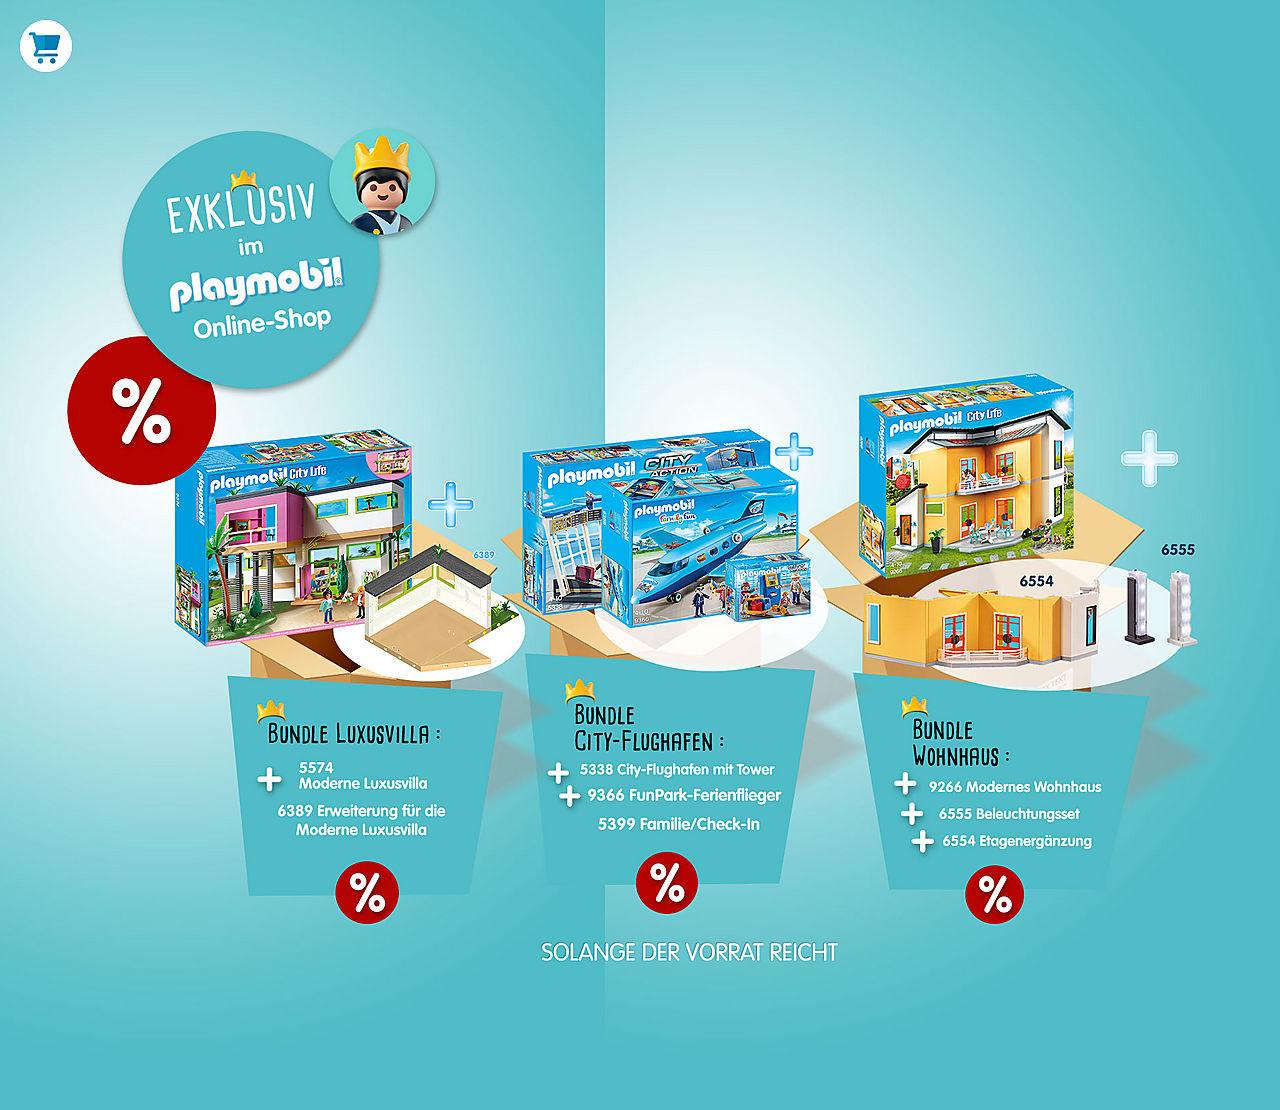 25% Rabatt auf Ergänzungen und Zuberhör bei Playmobil